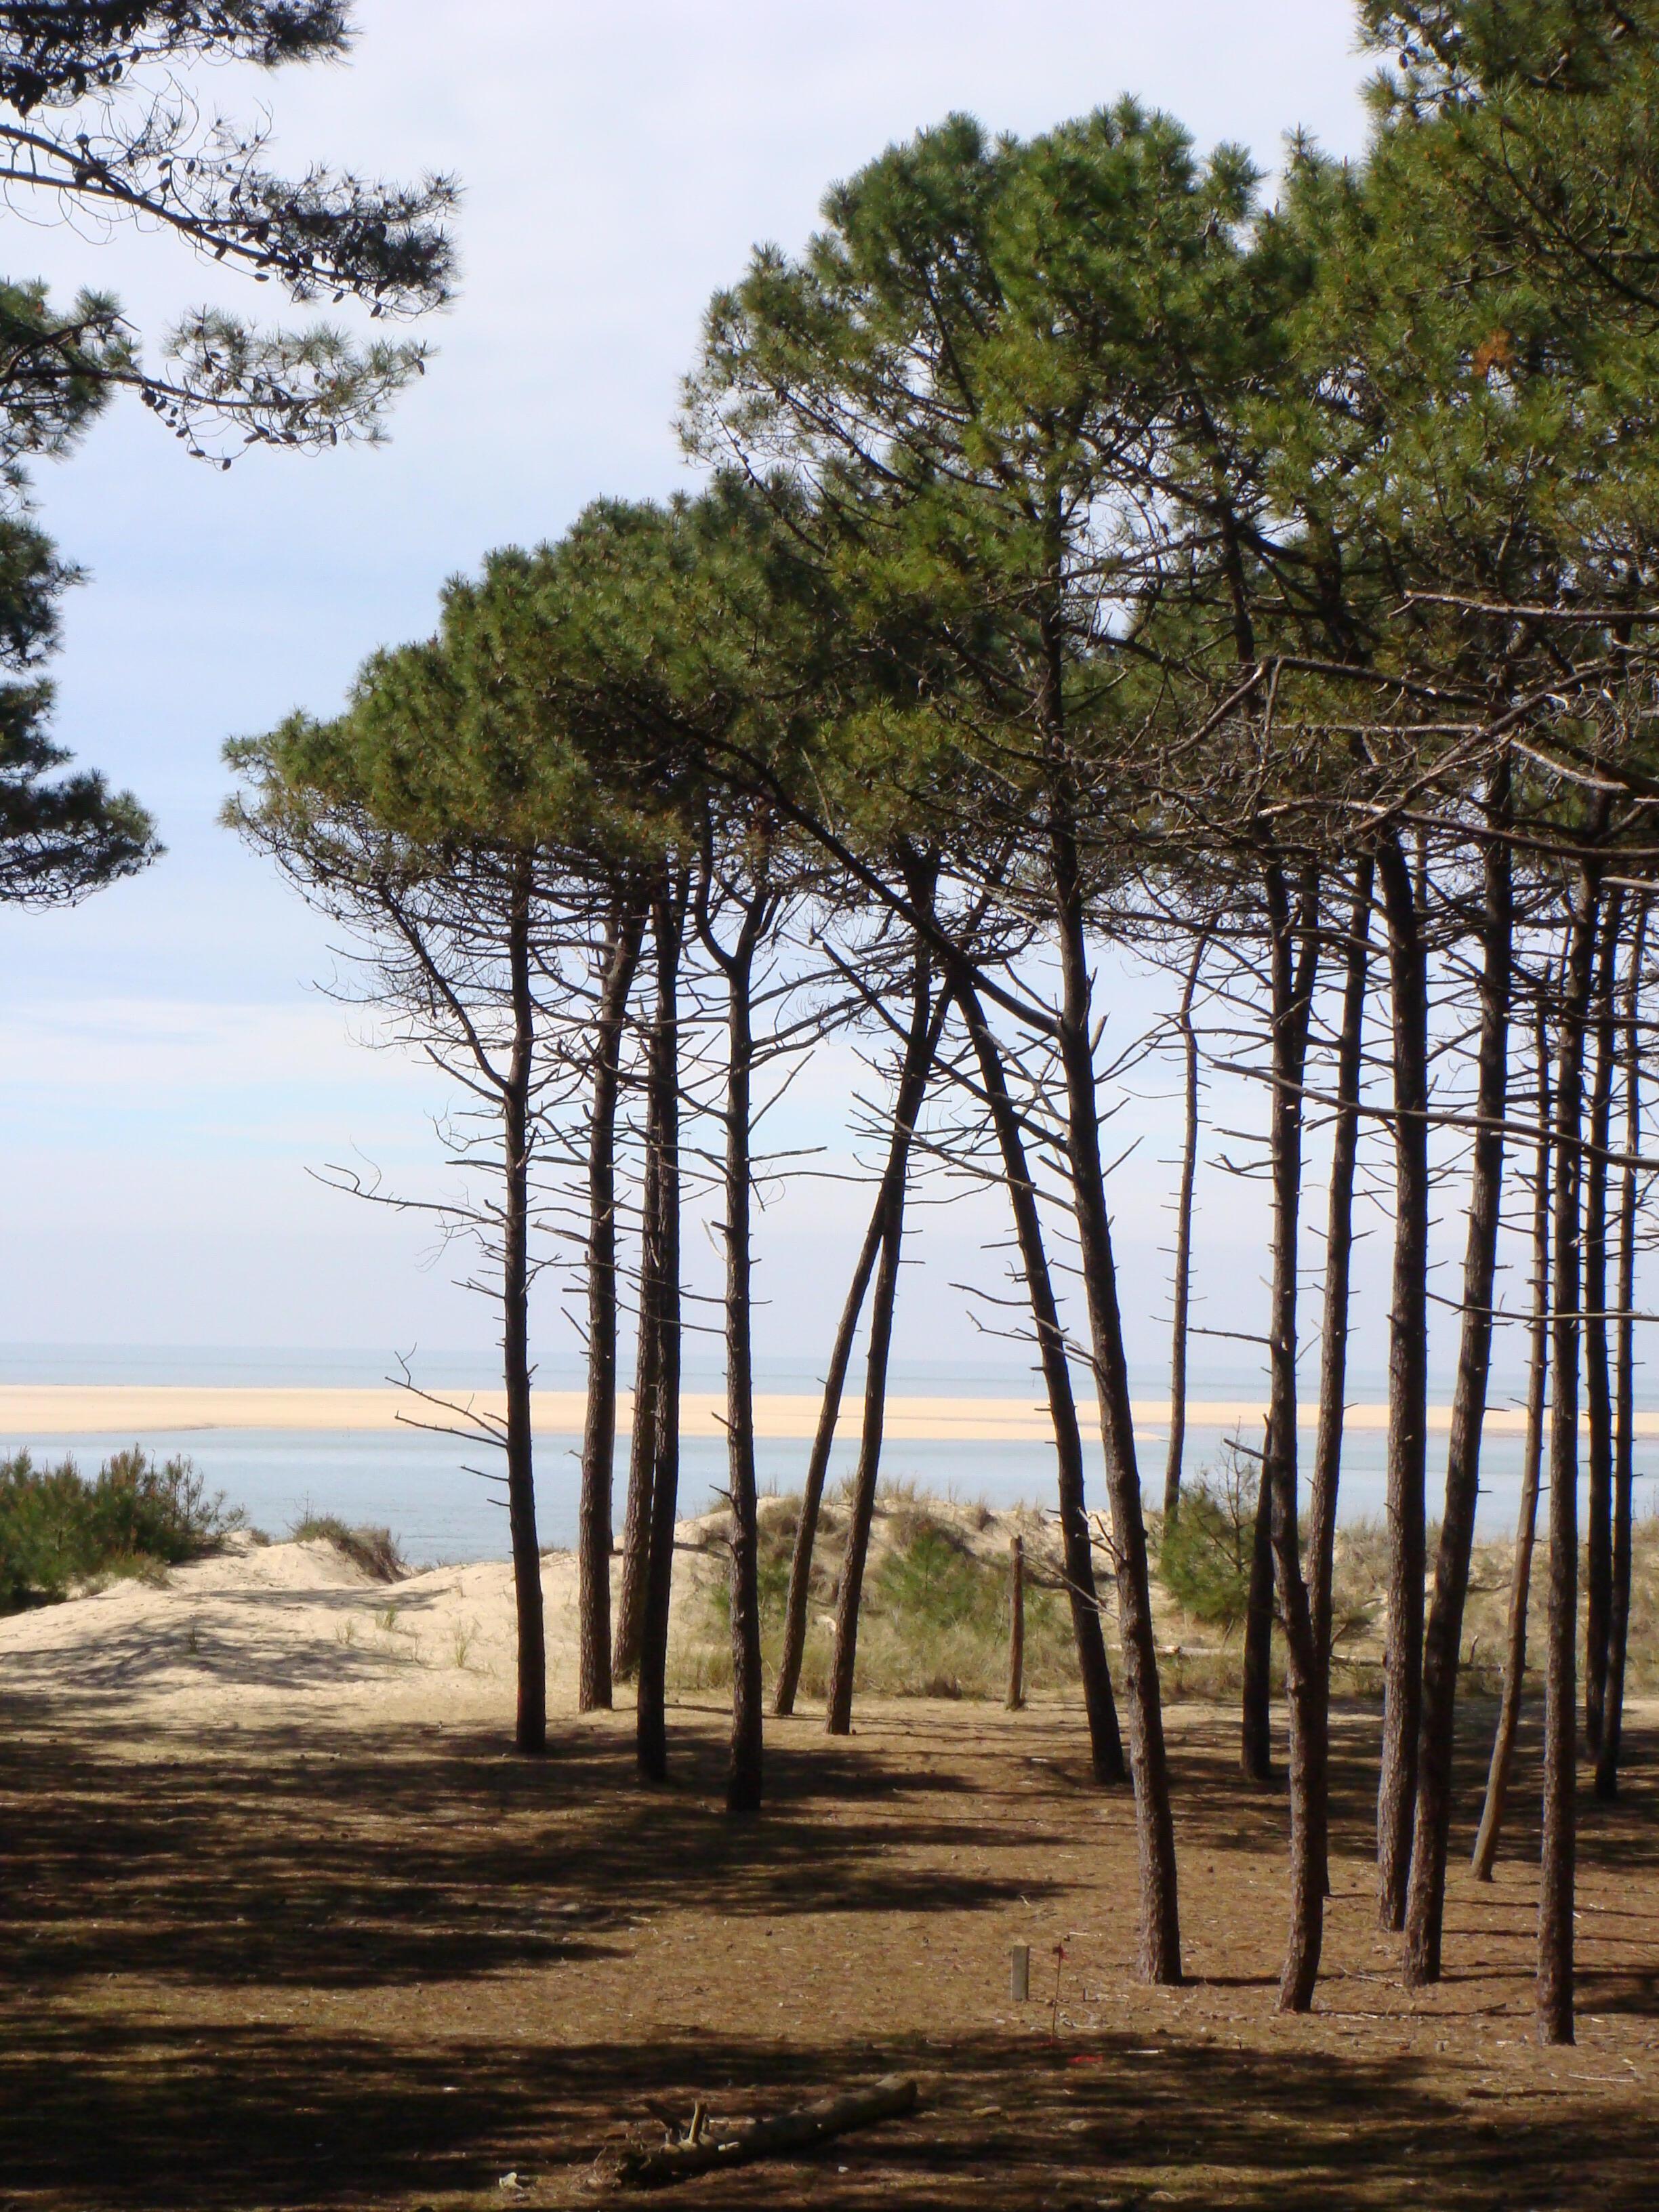 Estos pinos crecen en el bosque de las Landas, en la costa atlántica, junto a las dunas, al sudoeste de Francia.